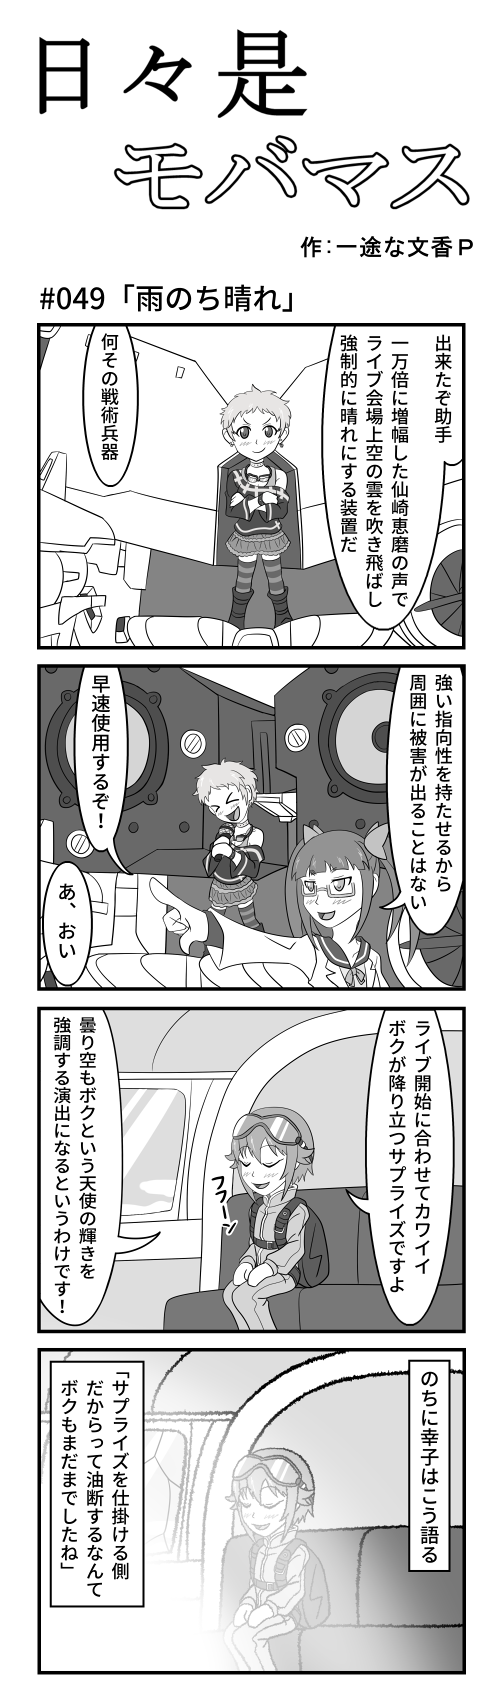 8Rx1pgT